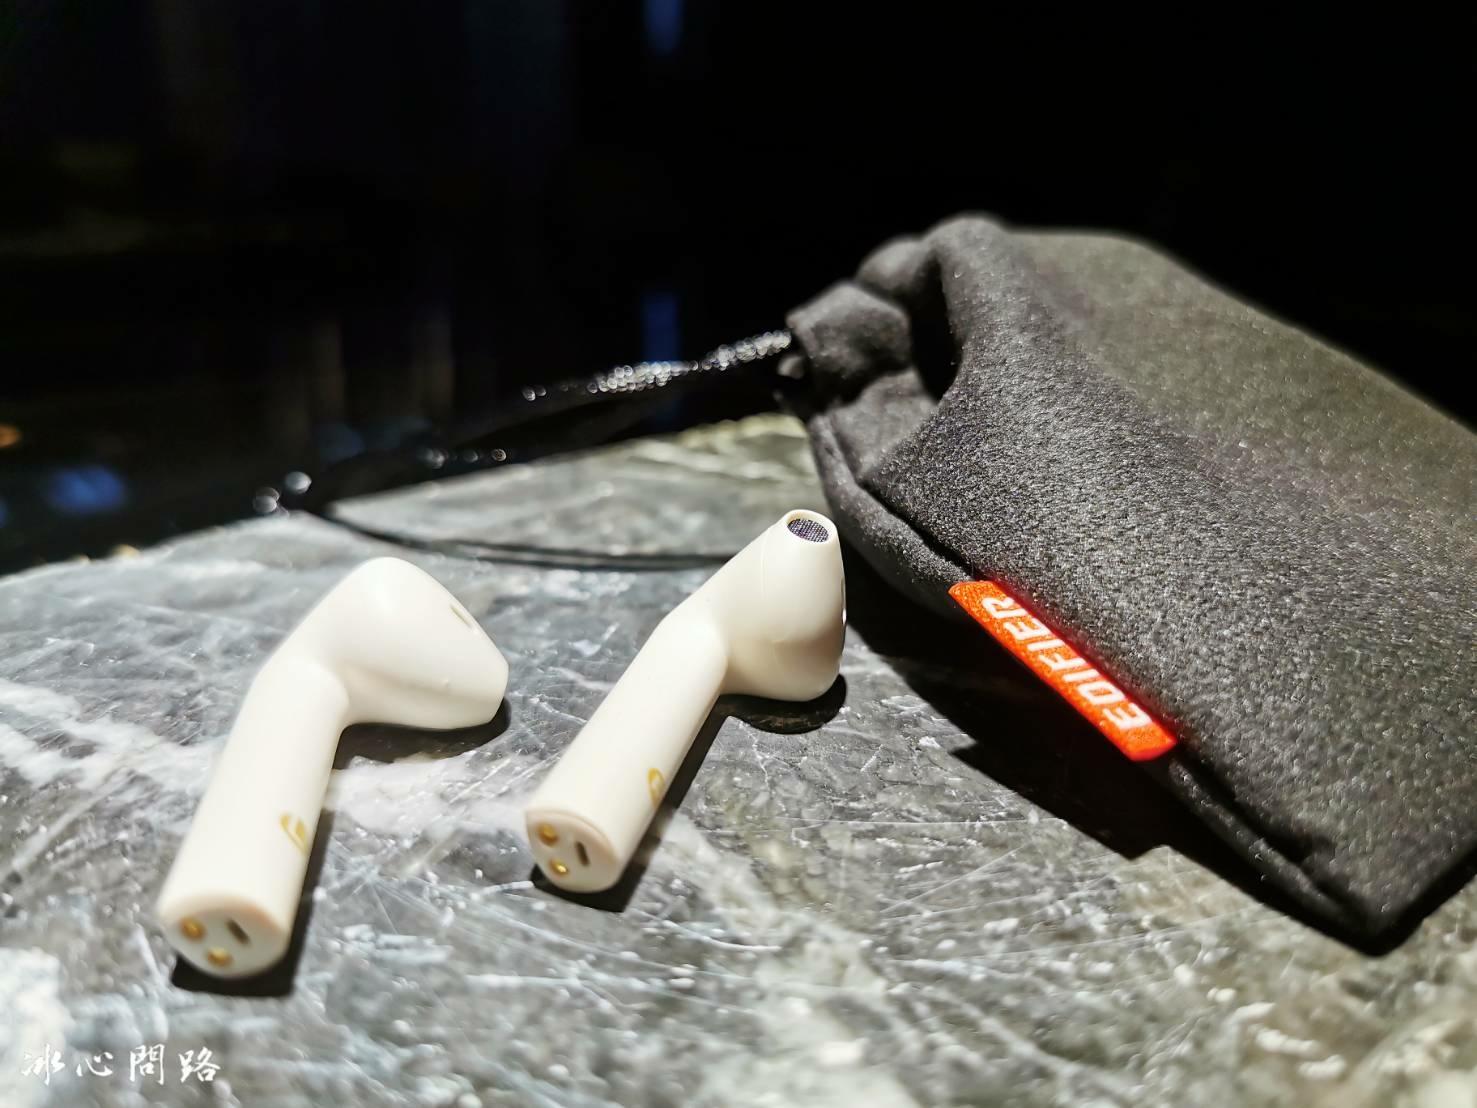 好用的藍芽耳機漫步者(EDIFIER)LolliPods Plus  冰心問路 (9).jpg